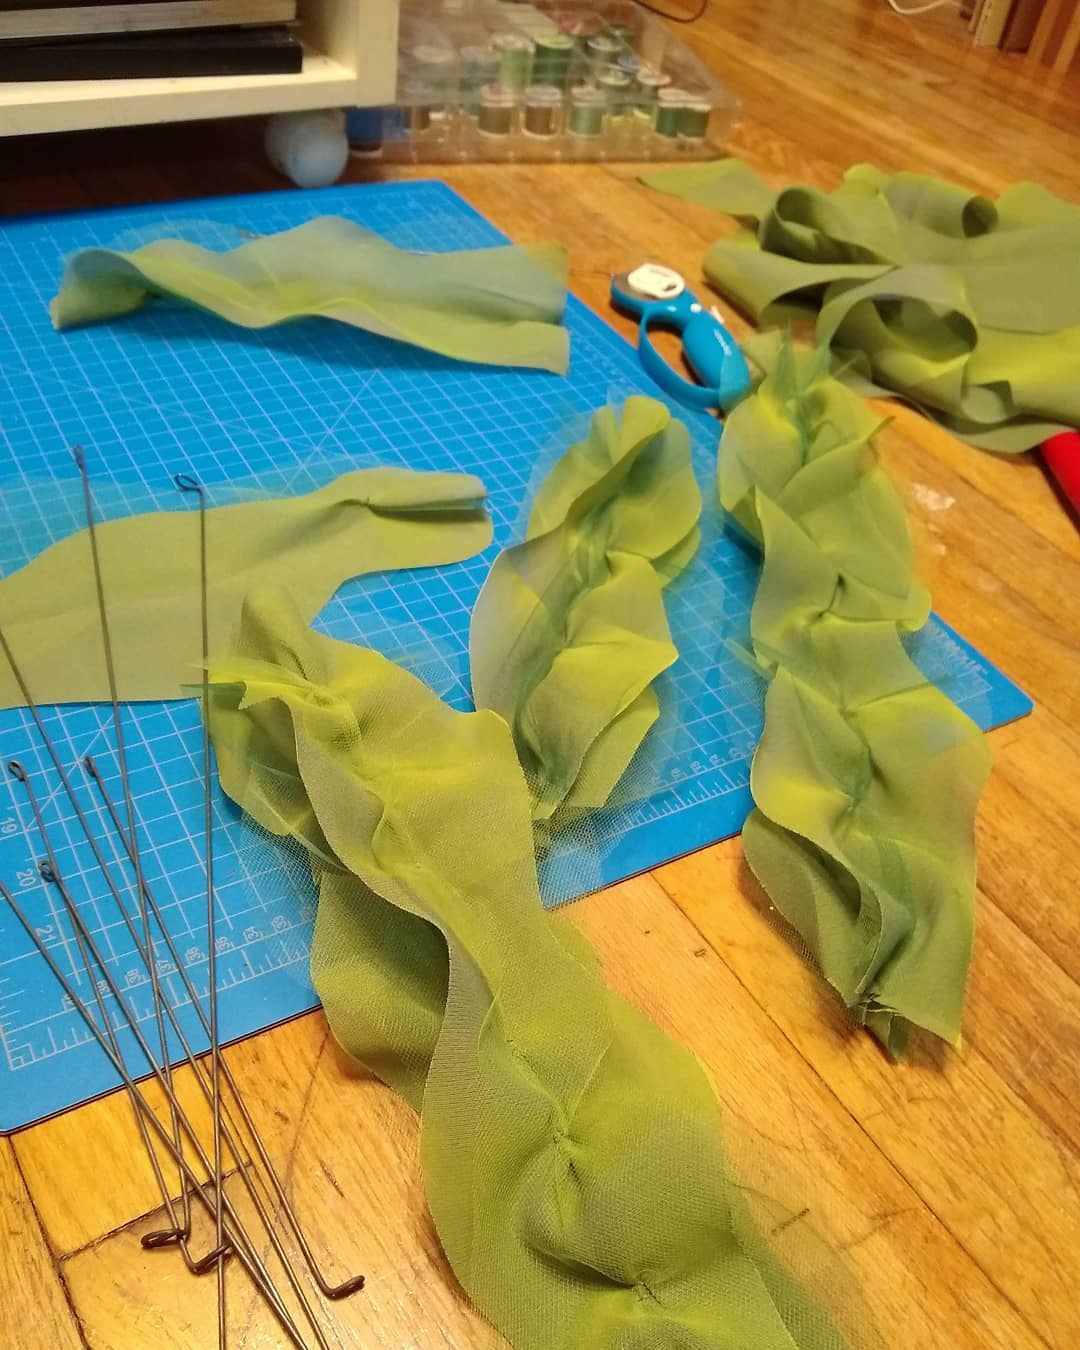 Sewing seaweed 🧵🥬